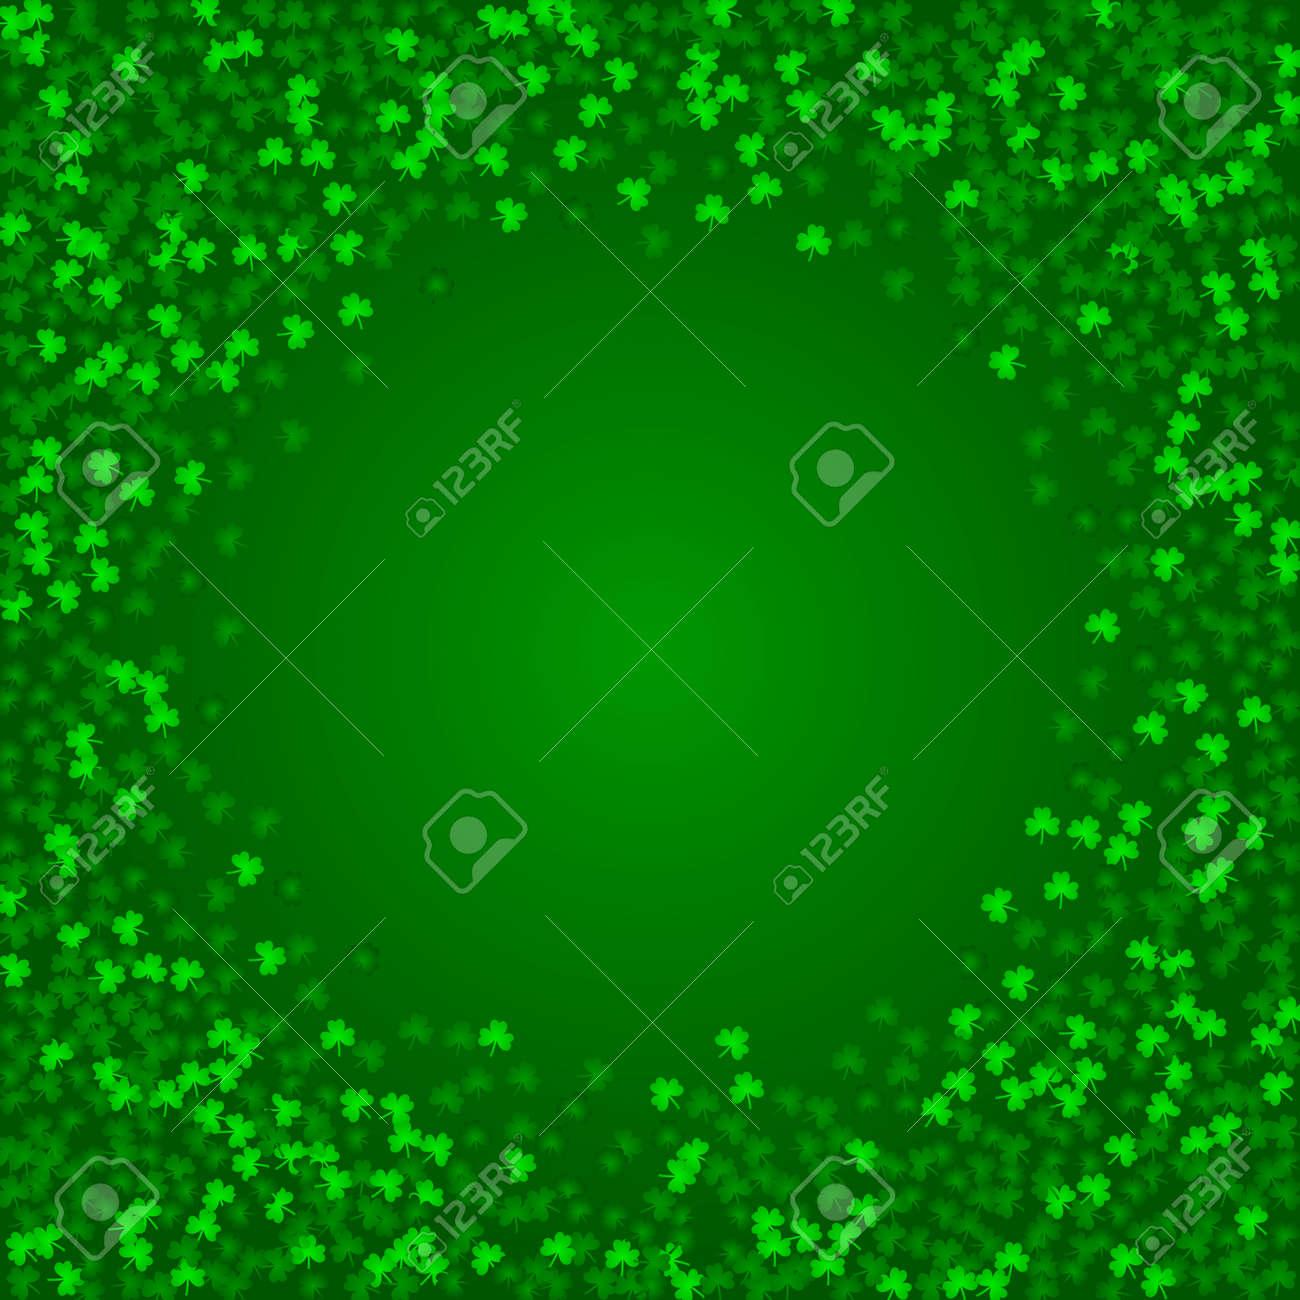 Fondo Cuadrado Del Día De Patricks Del Santo Con Confeti Verde Del Trébol Marco Redondo De Hojas De Trébol Plantilla Para Diseño De Tarjetas De